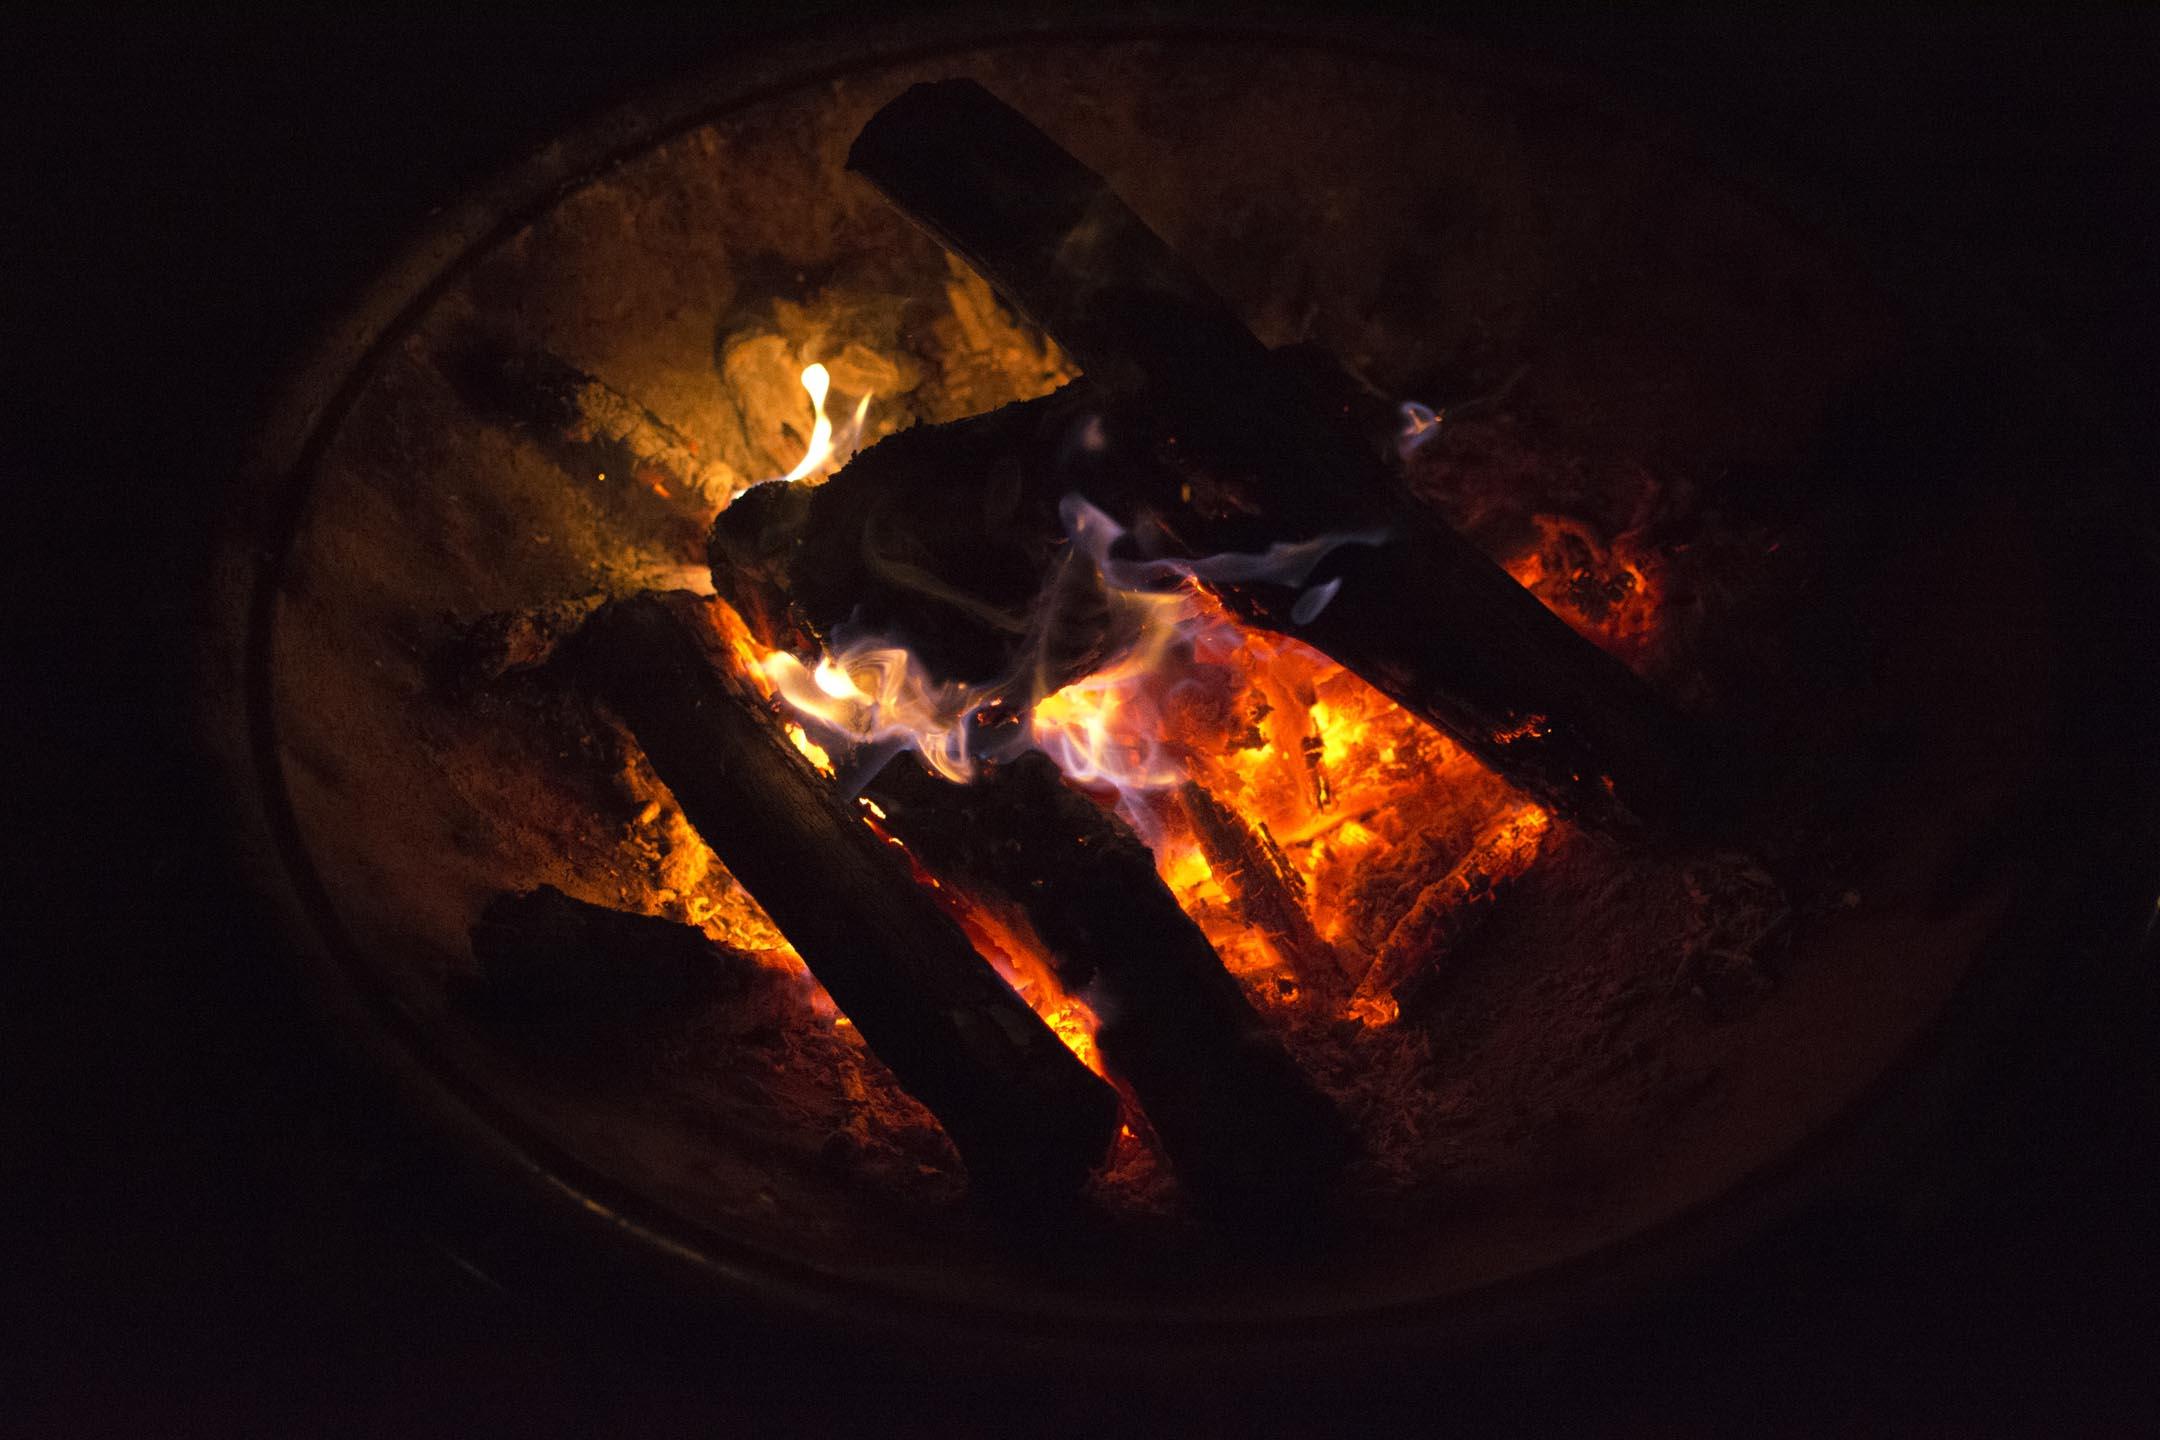 fire1_lakehouse_10-10-15.jpg